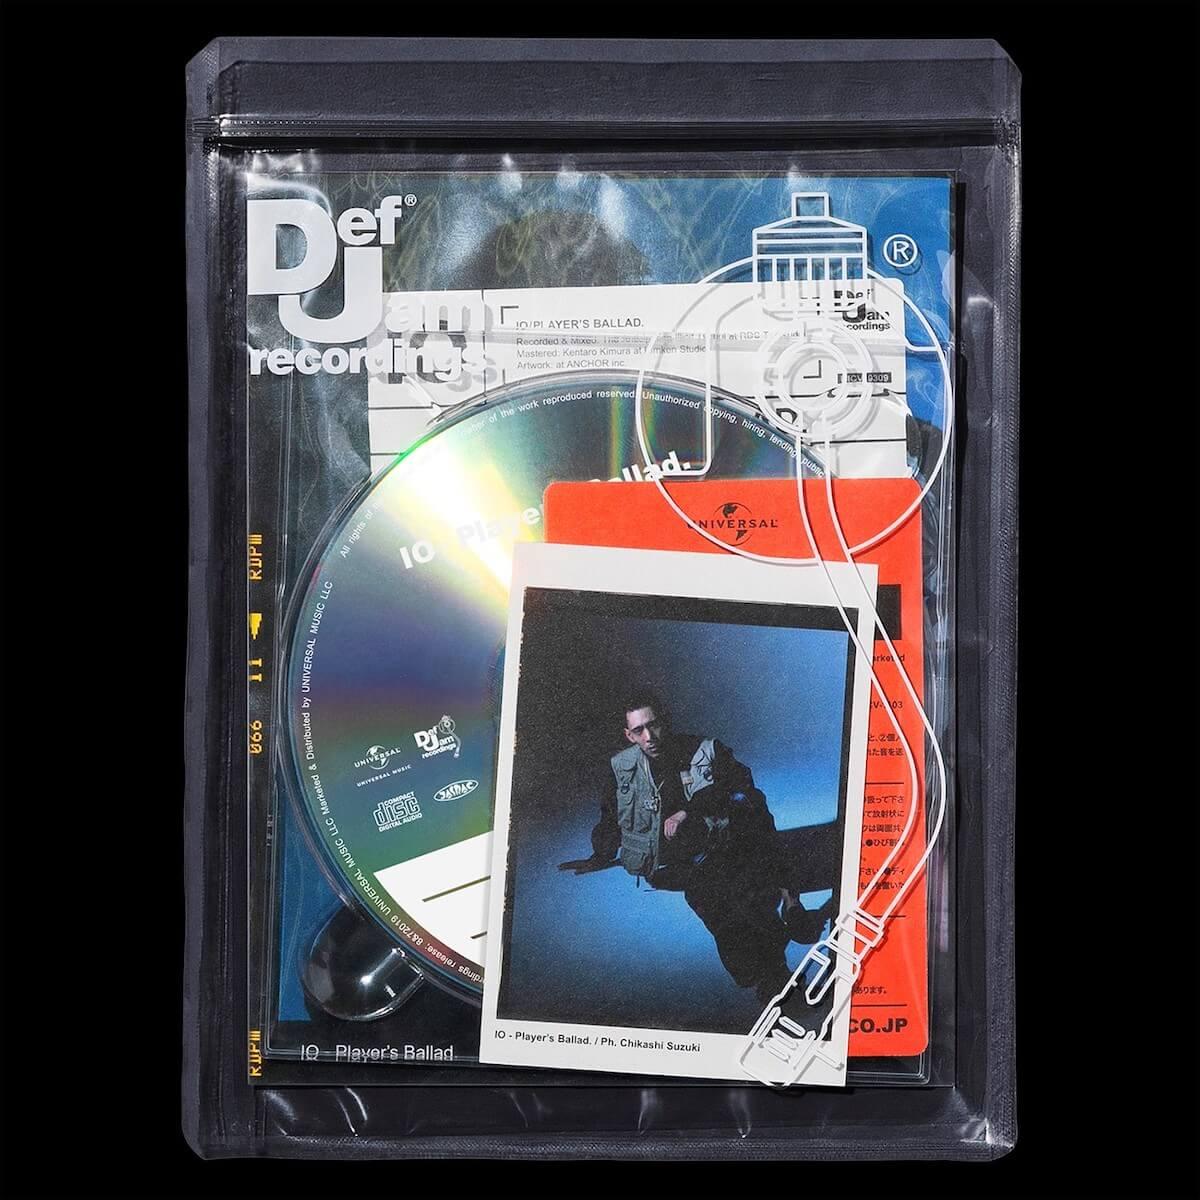 IOの1stアルバム『Player's Ballad.』収録曲「Shawty.」が本日より先行配信|〈Def Jam Recordings〉よりリリース music190531io-shawty_main